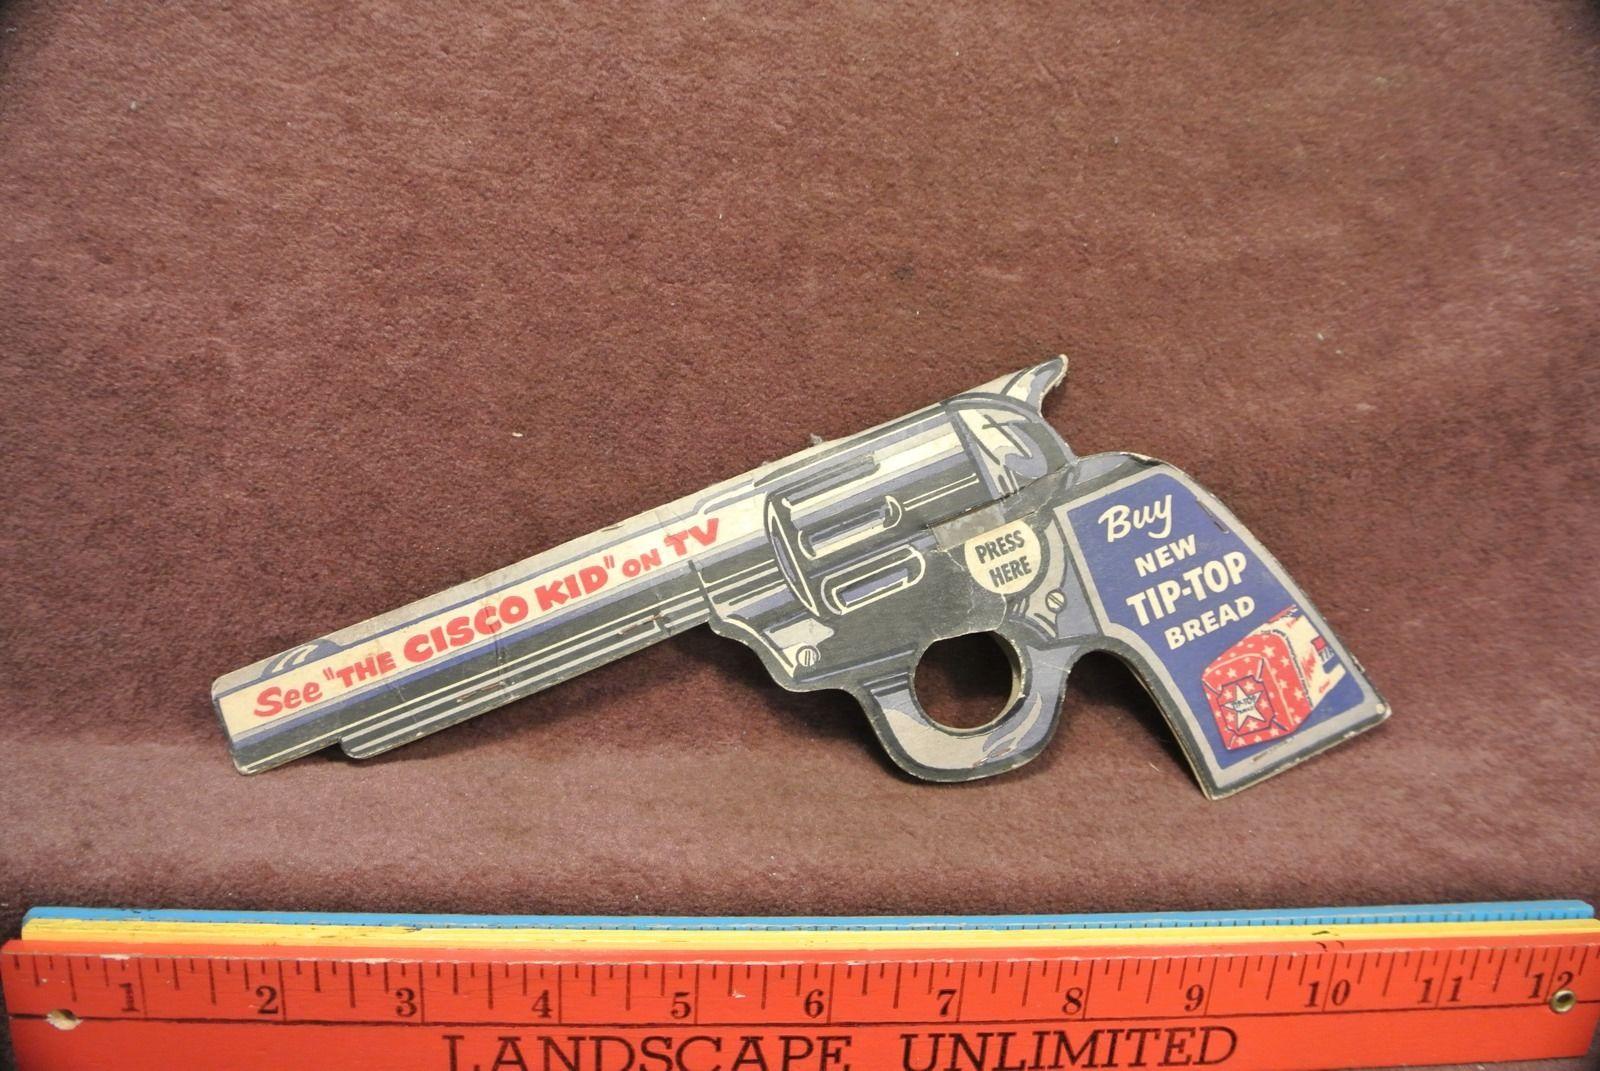 Cisco Kid gun